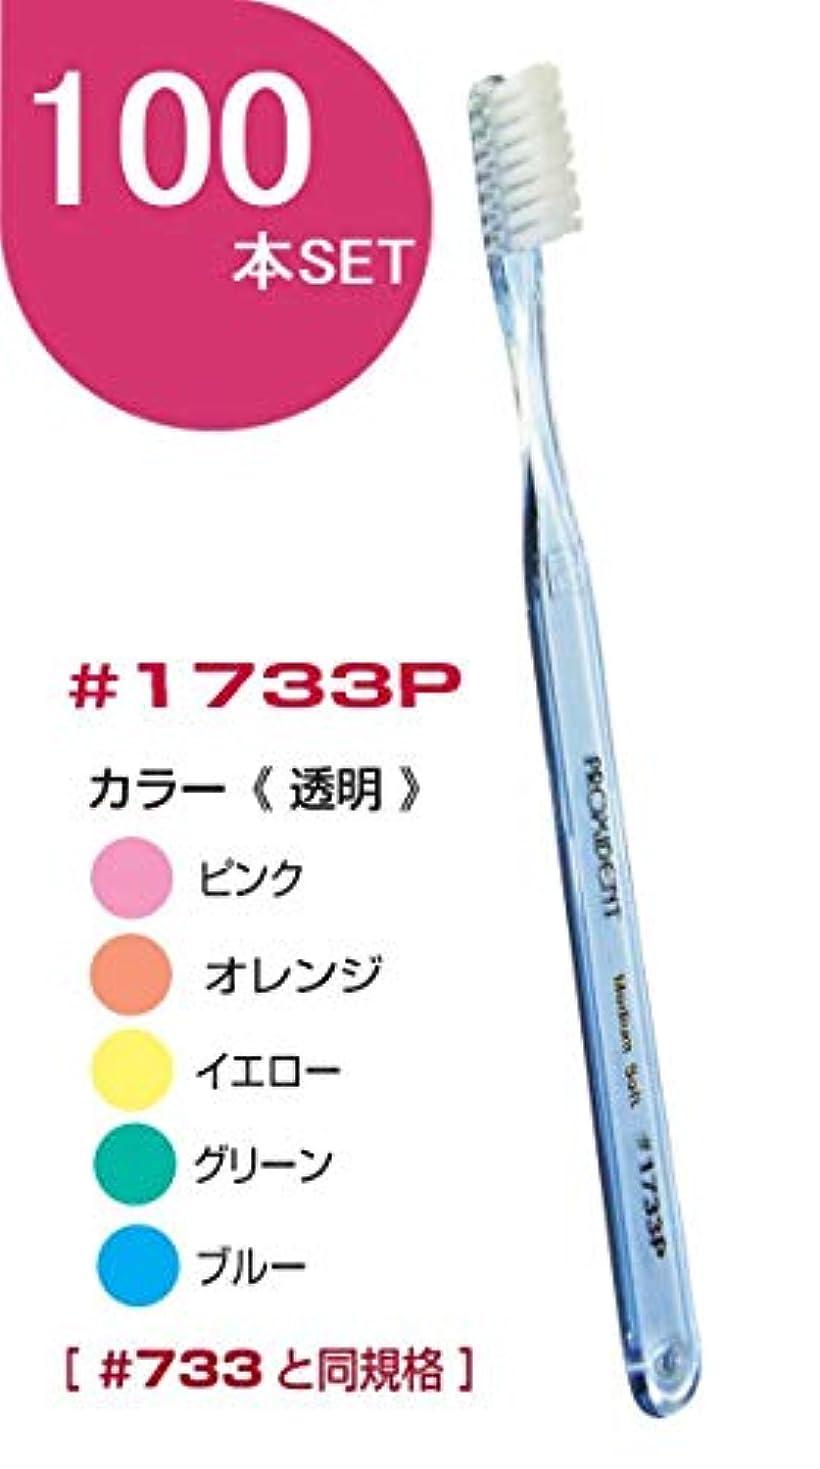 勘違いする不規則性しっかりプローデント プロキシデント スリムヘッド MS(ミディアムソフト) #1733P(#733と同規格) 歯ブラシ 100本